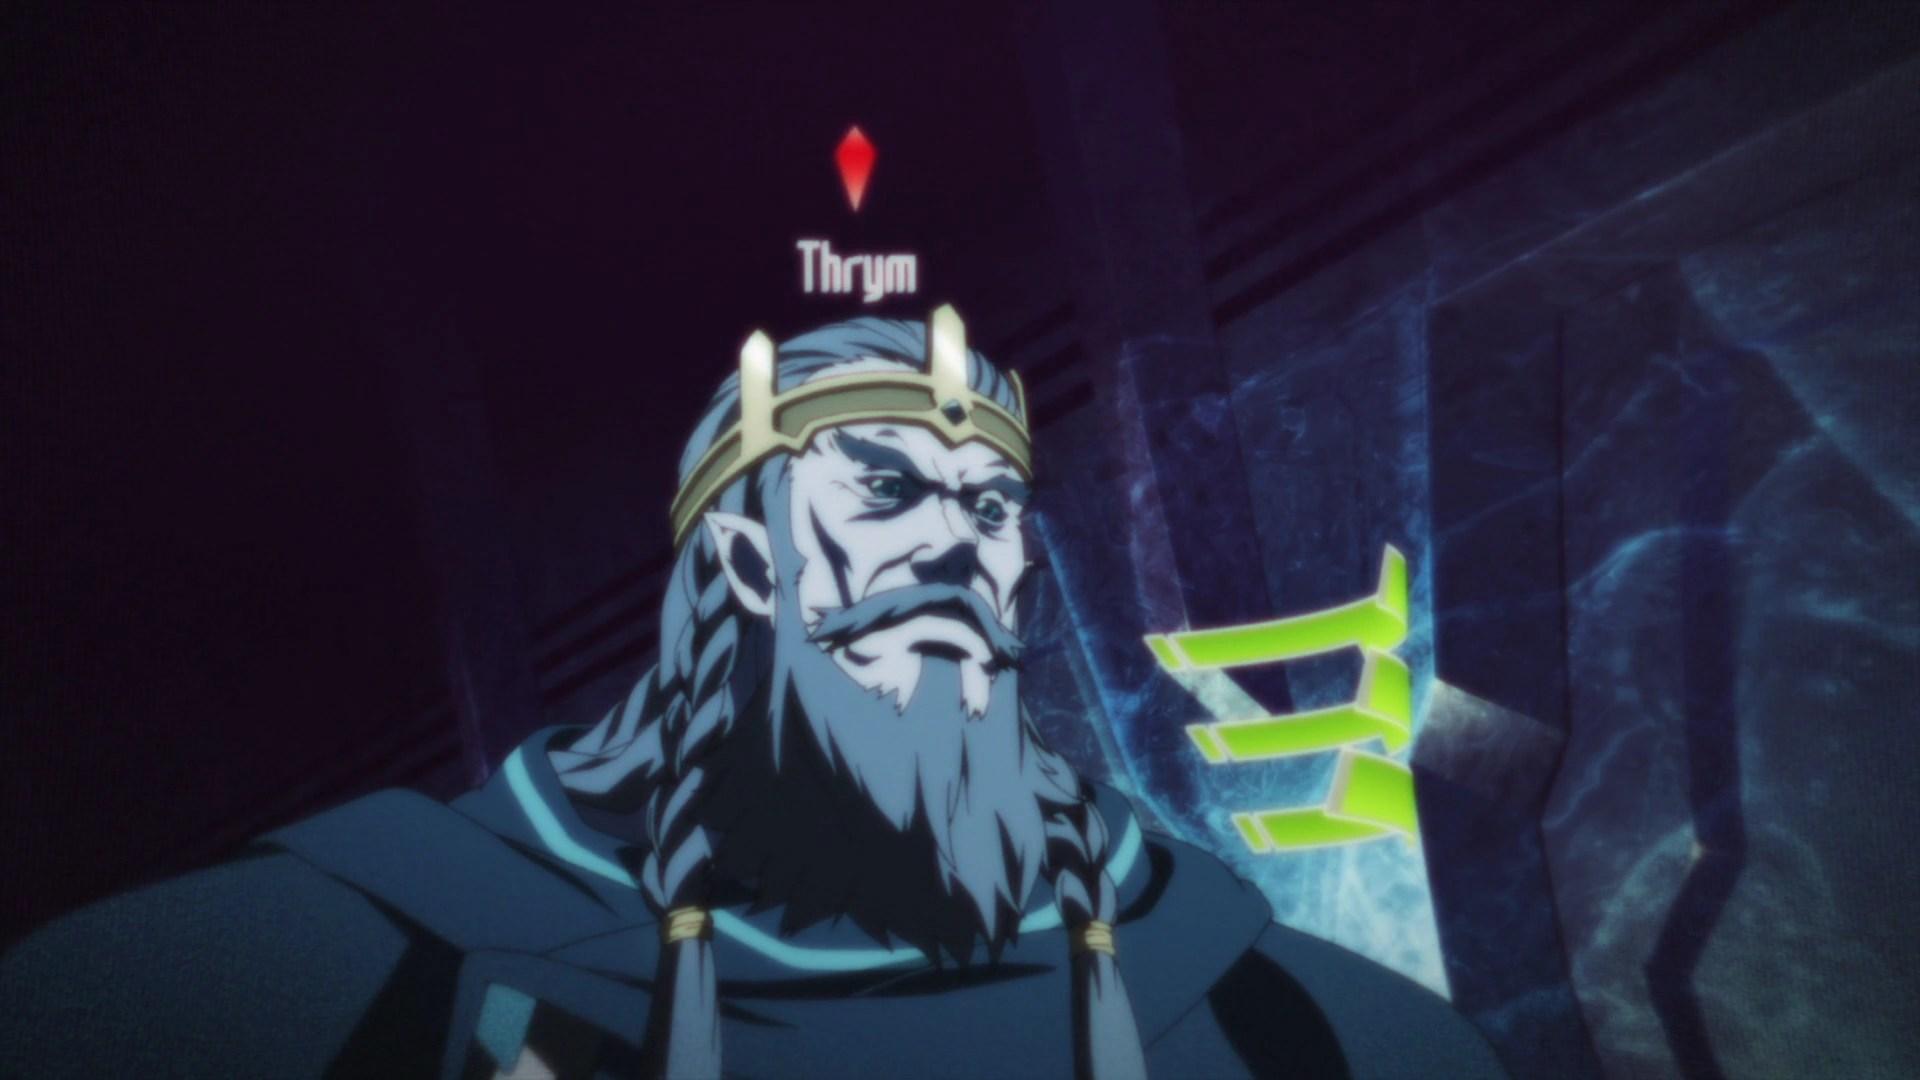 Thrym Sword Art Online Wiki